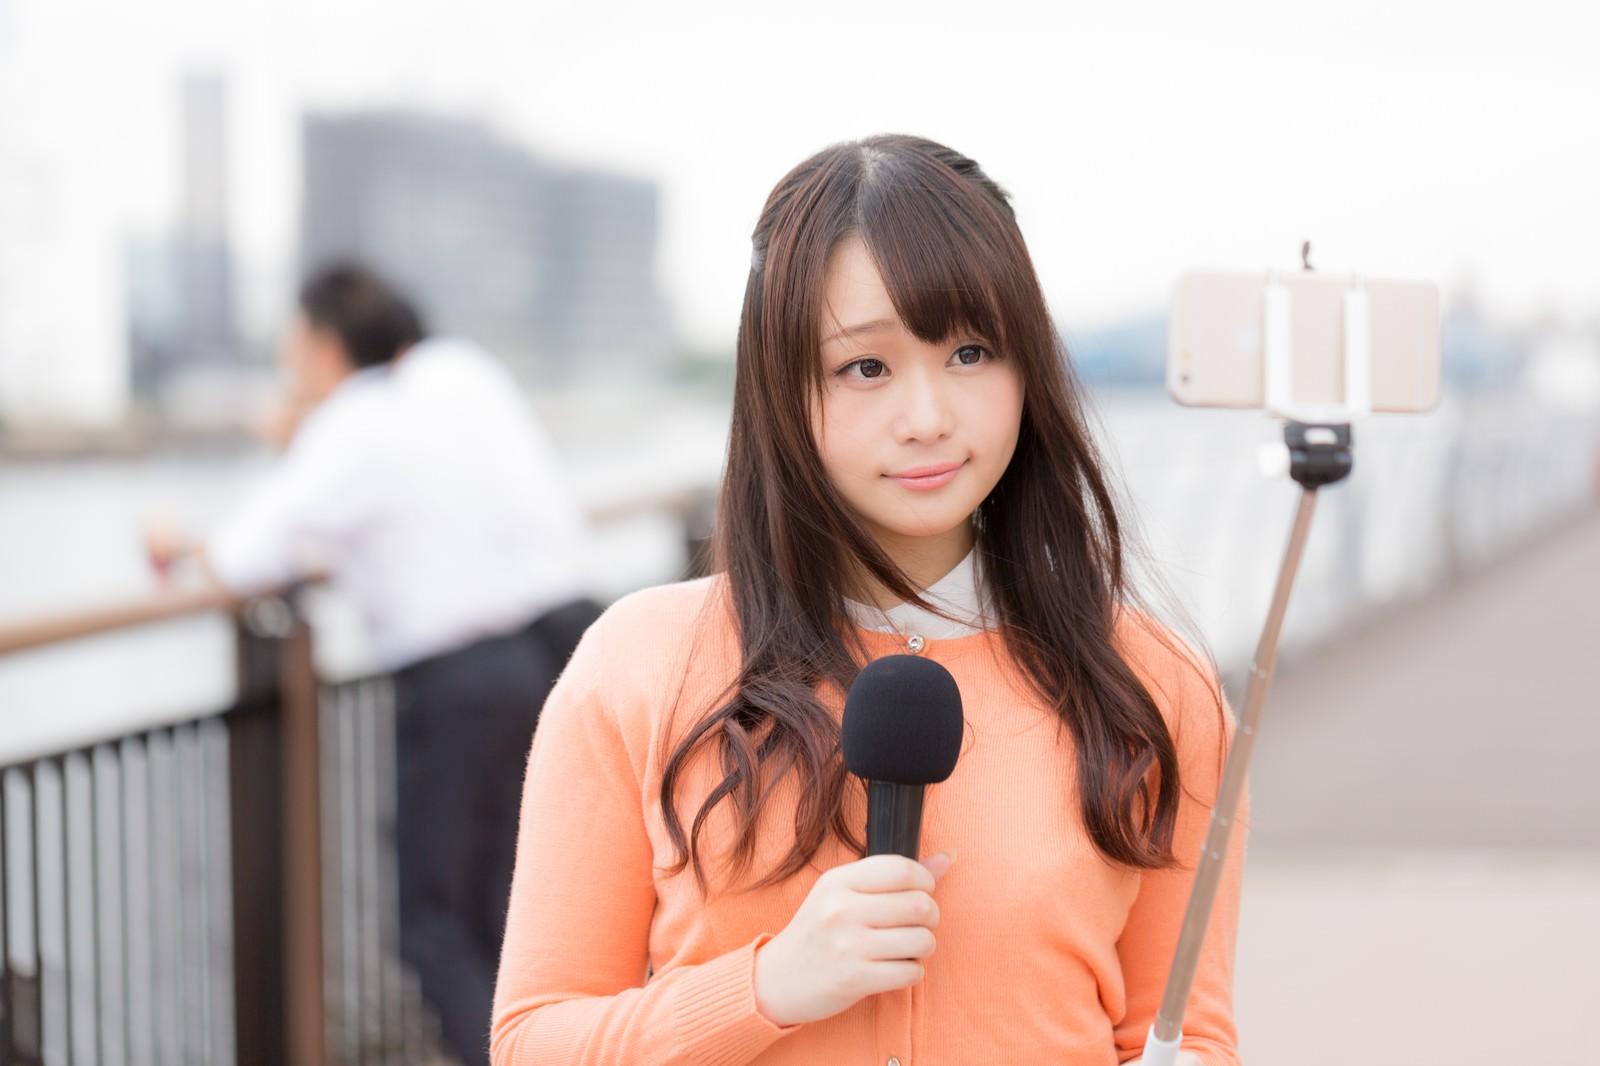 「スマホで現地取材を行う女性アナウンサースマホで現地取材を行う女性アナウンサー」[モデル:茜さや]のフリー写真素材を拡大